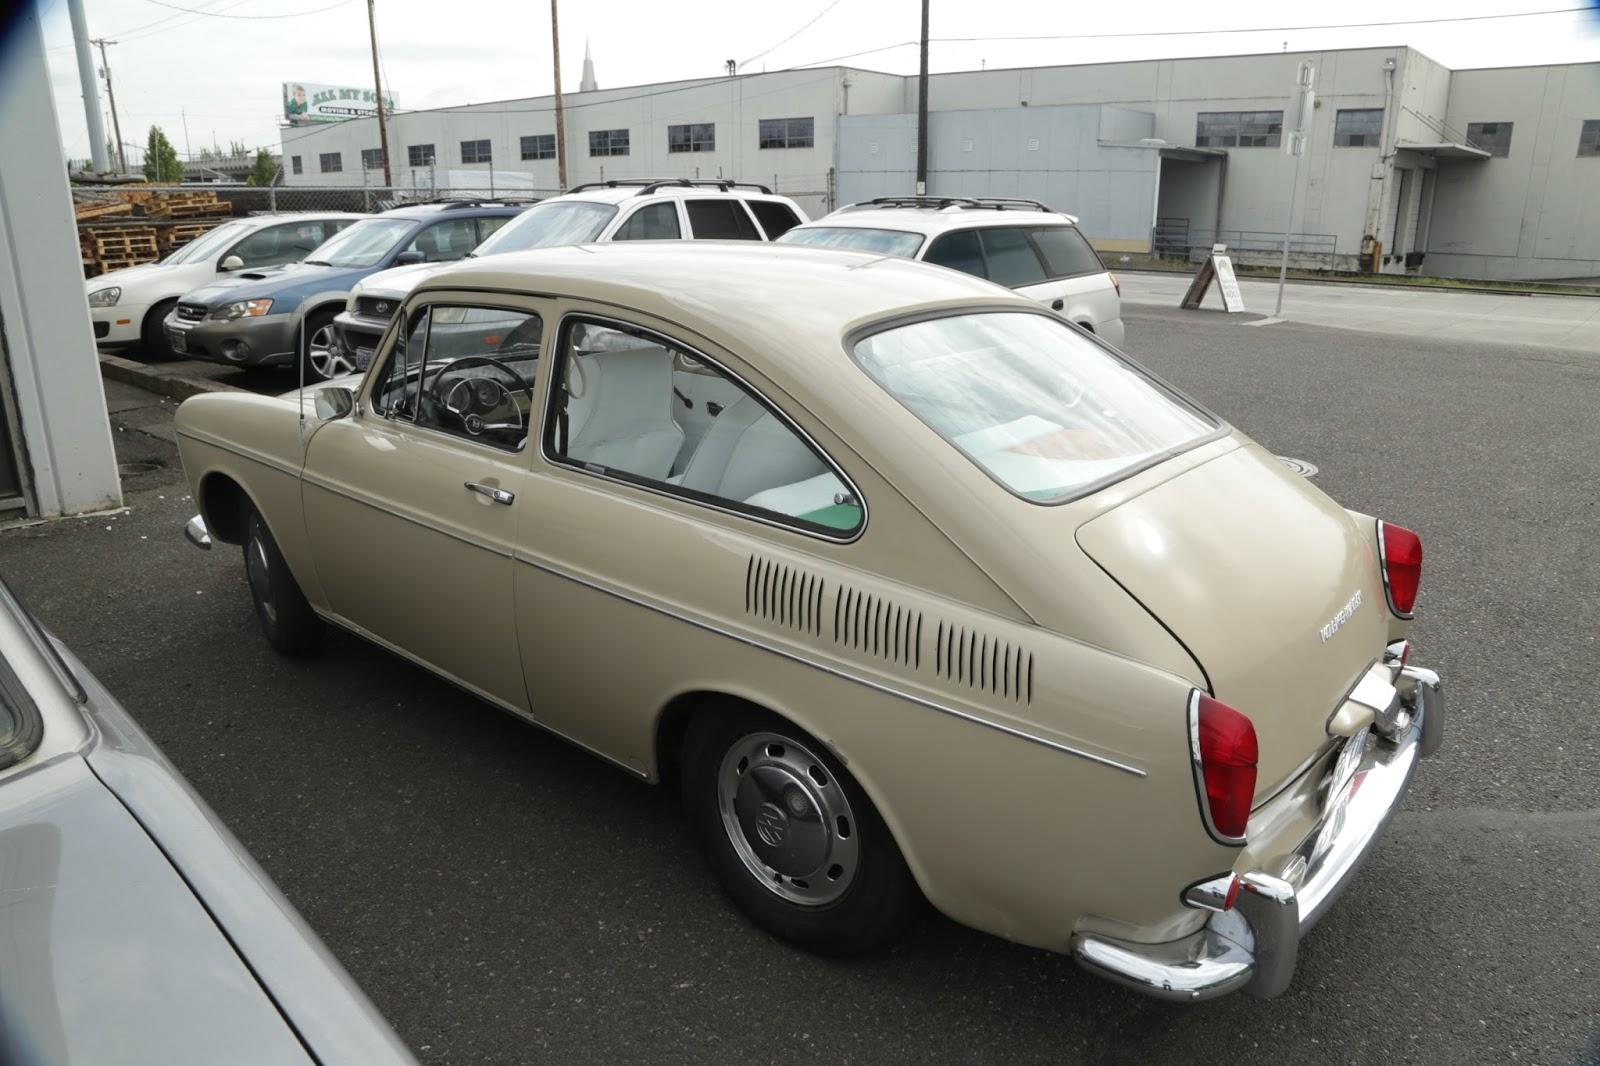 1969 Volkswagen Type 3 Fastback.